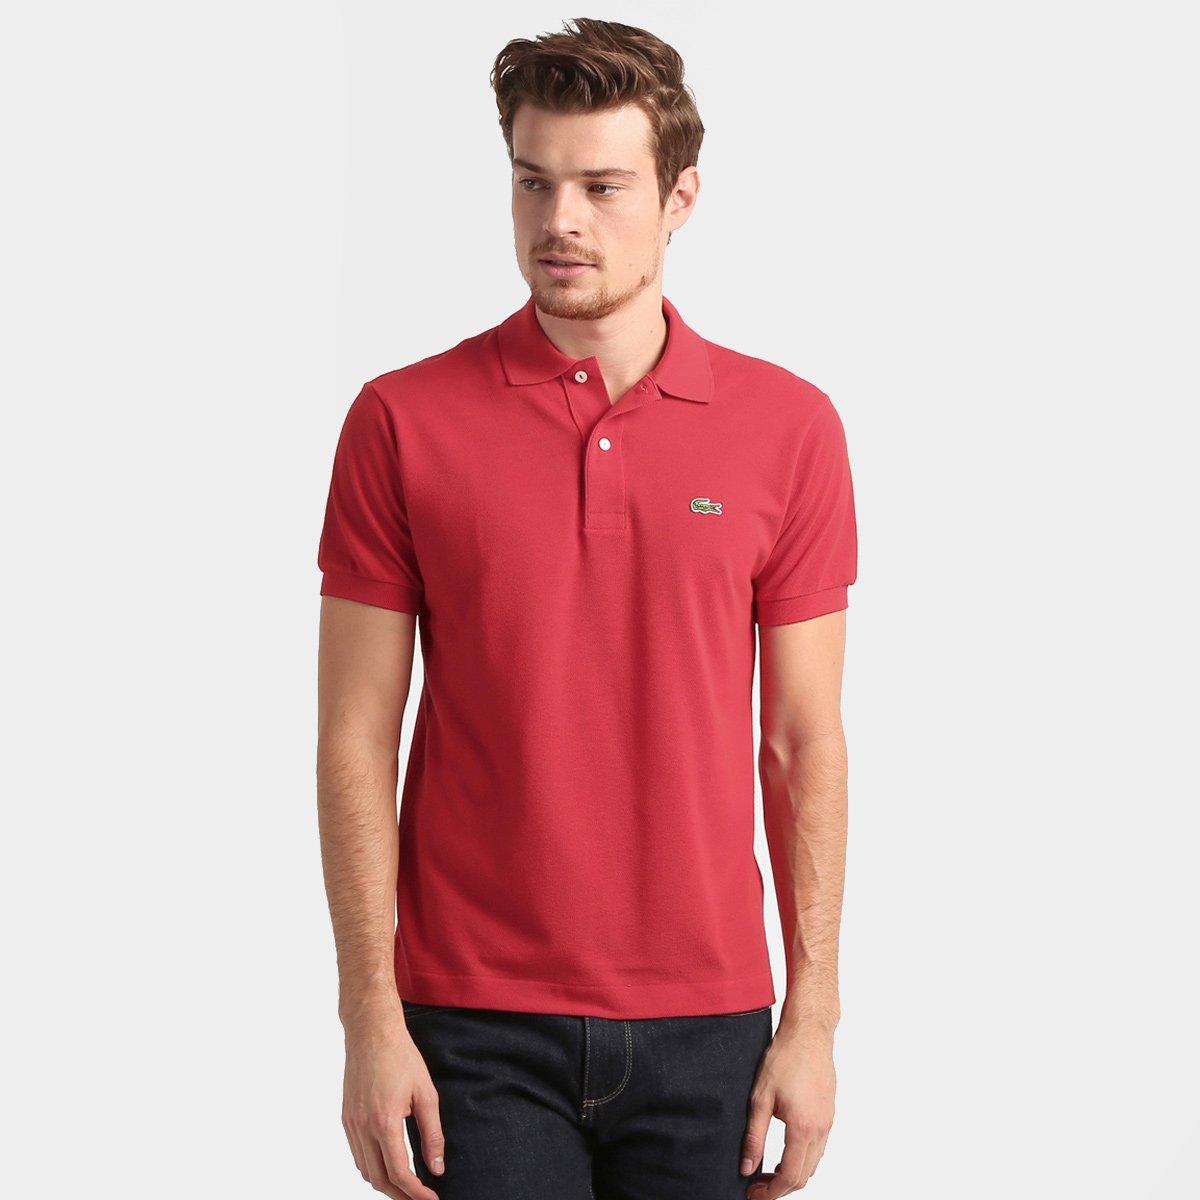 d8bf61a92408f Camisas Polo   Livelo -Sua Vida com Mais Recompensas